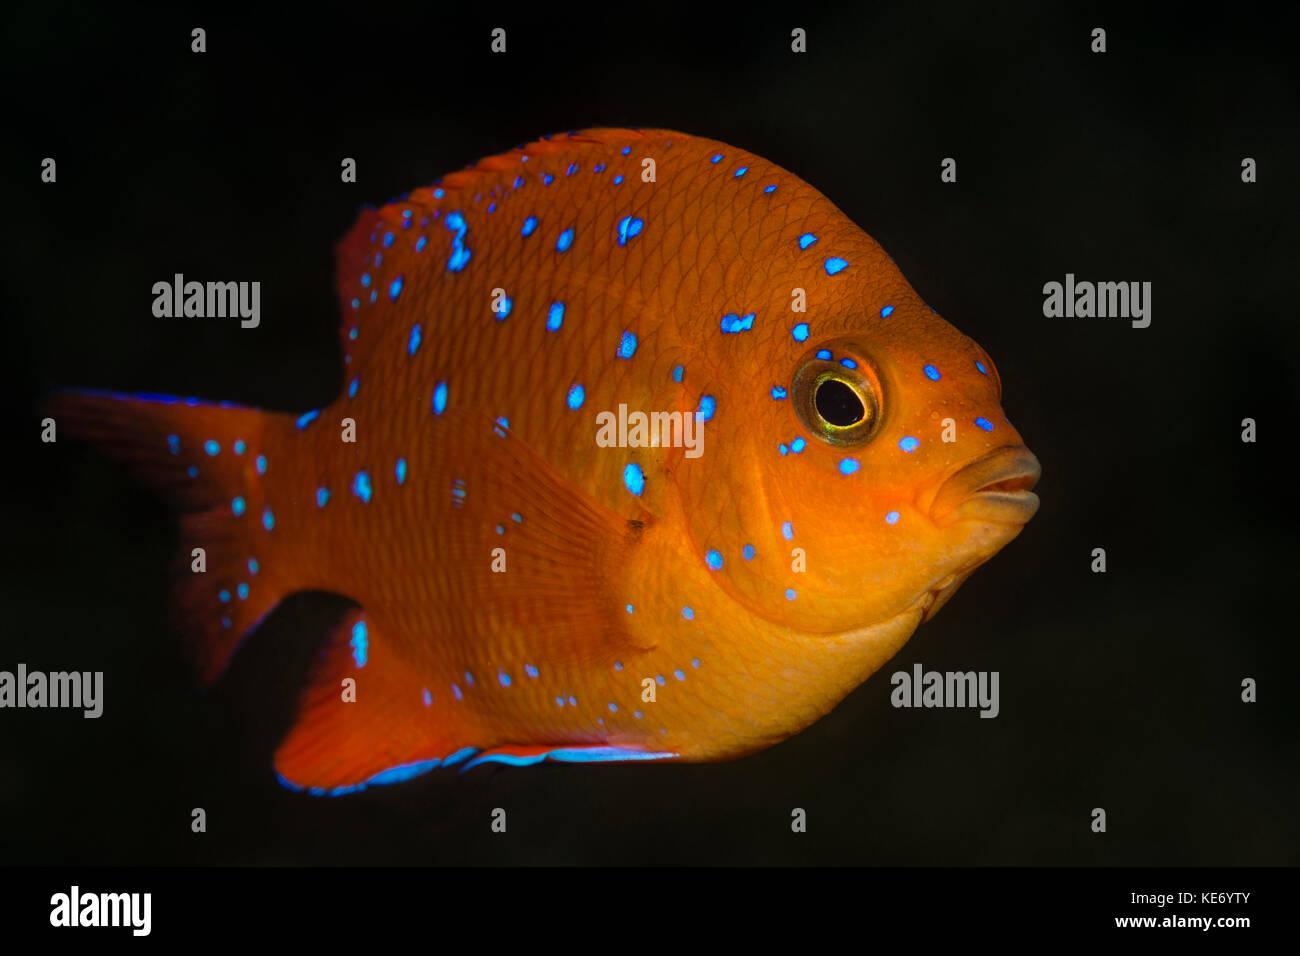 I capretti garibaldi, pesce hypsypops rubicundus, Isola Catalina, california, Stati Uniti d'America Immagini Stock